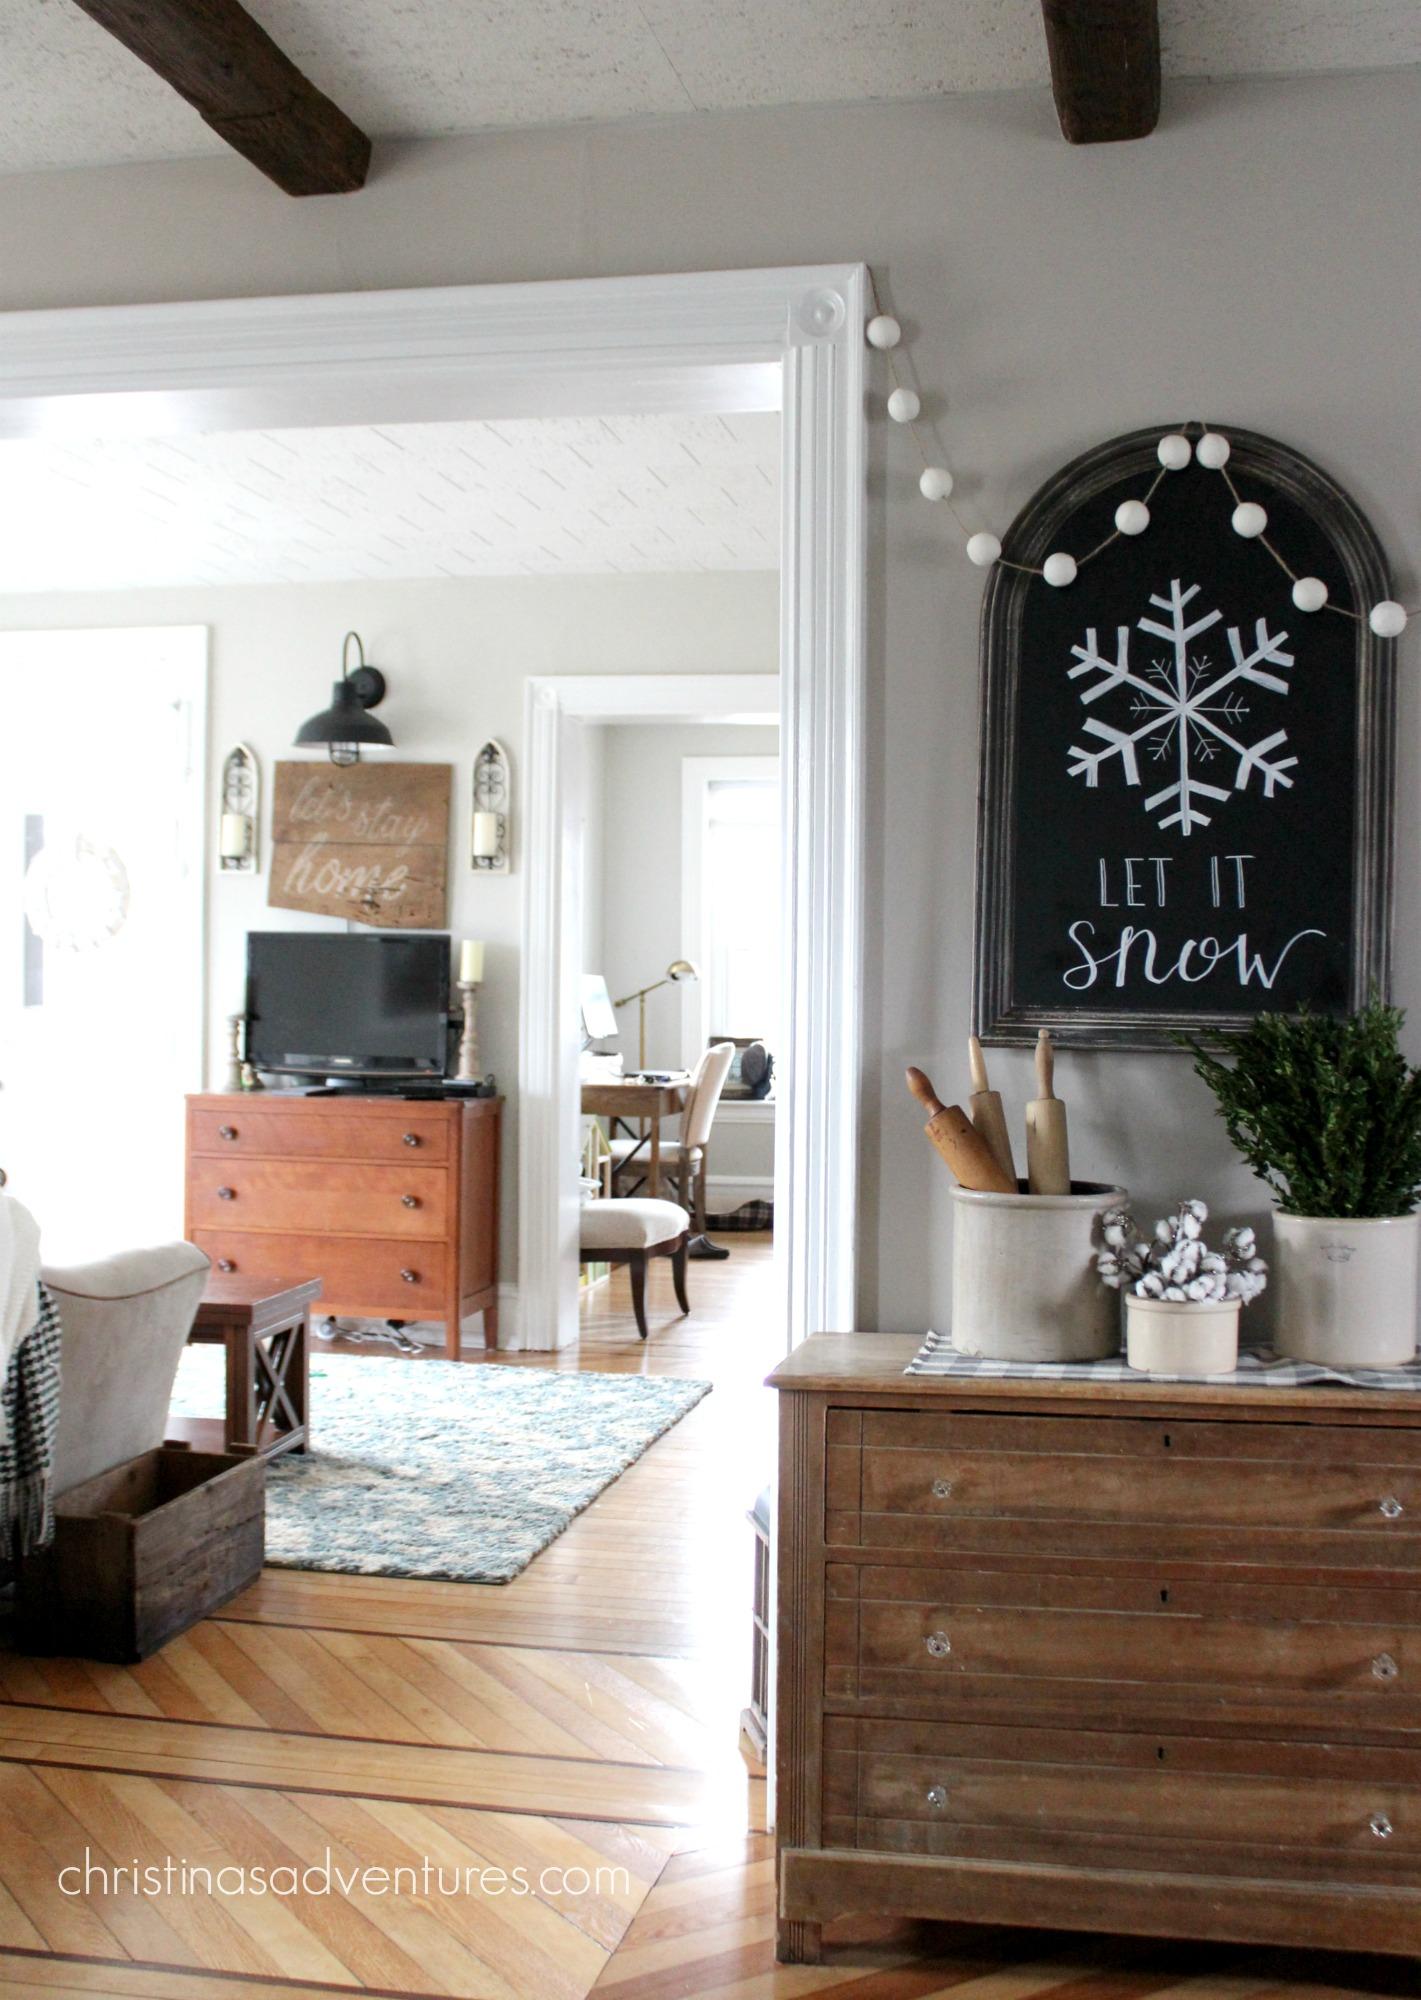 Farmhouse winter touches